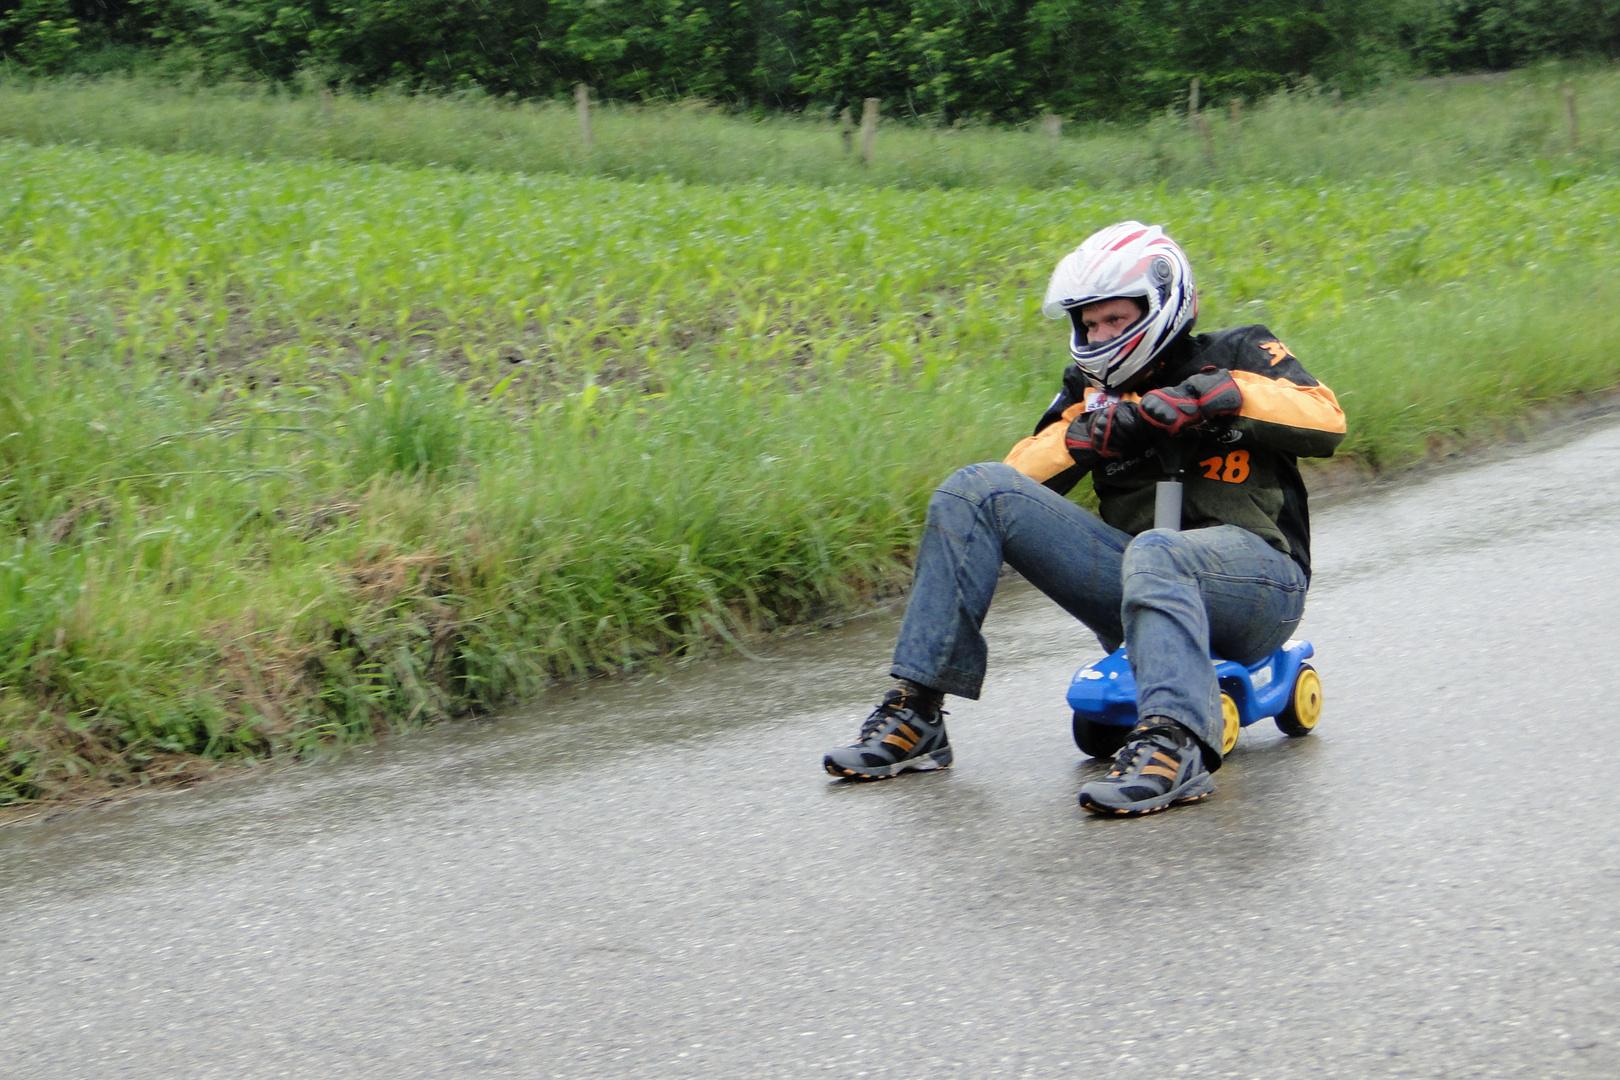 Bobbycarrennen im strömenden Regen